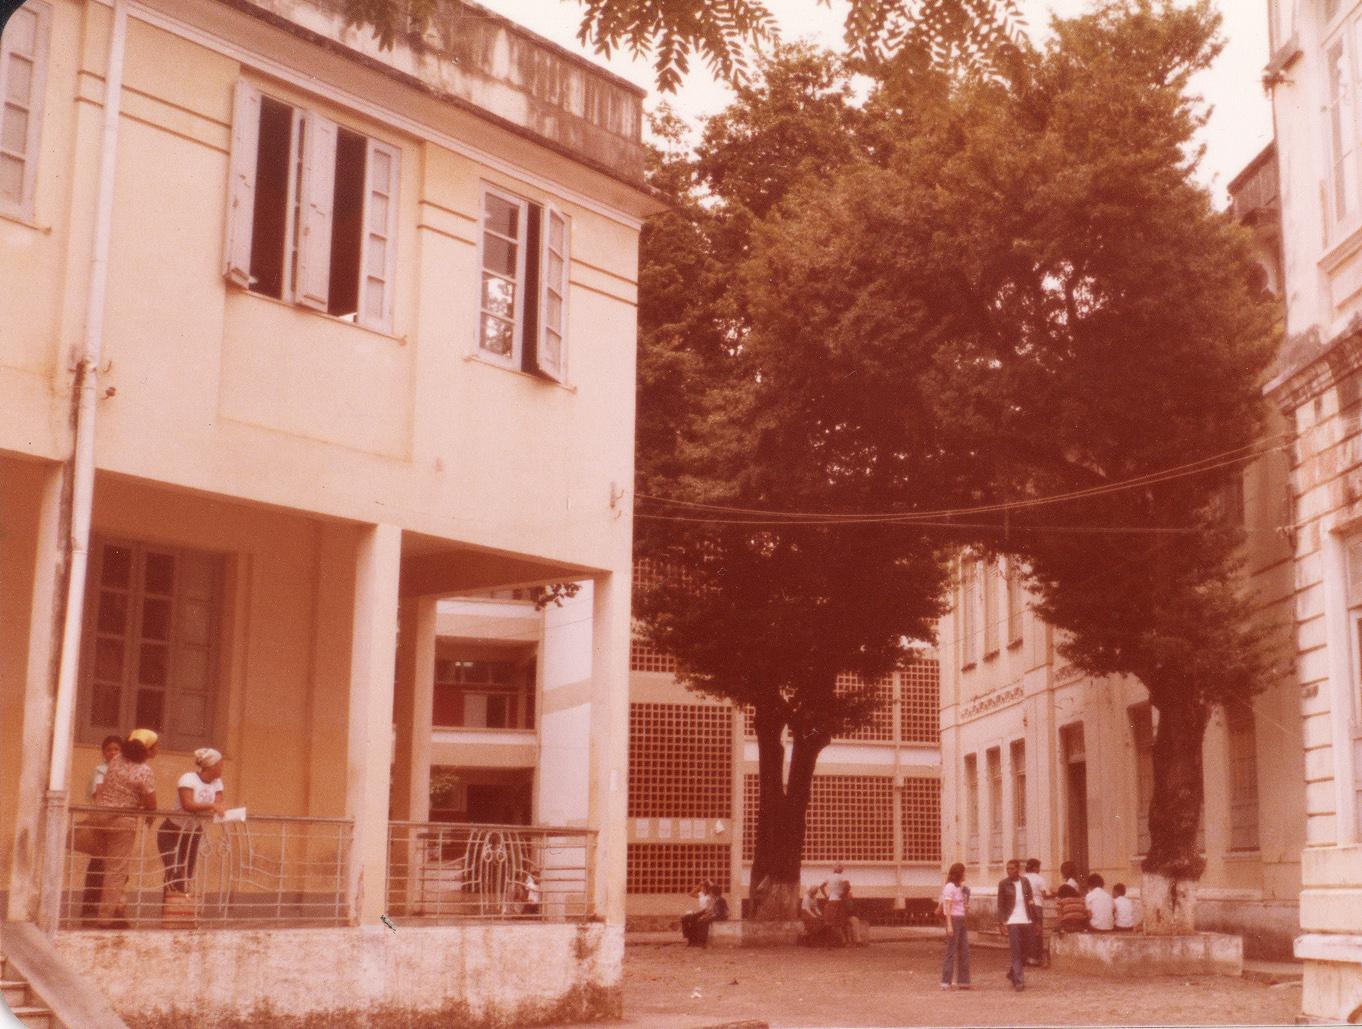 Foto do Colégio Estadual Central da Bahia, em Salvador, onde Tomaz começou o curso médio em 1959. Arquivo pessoal